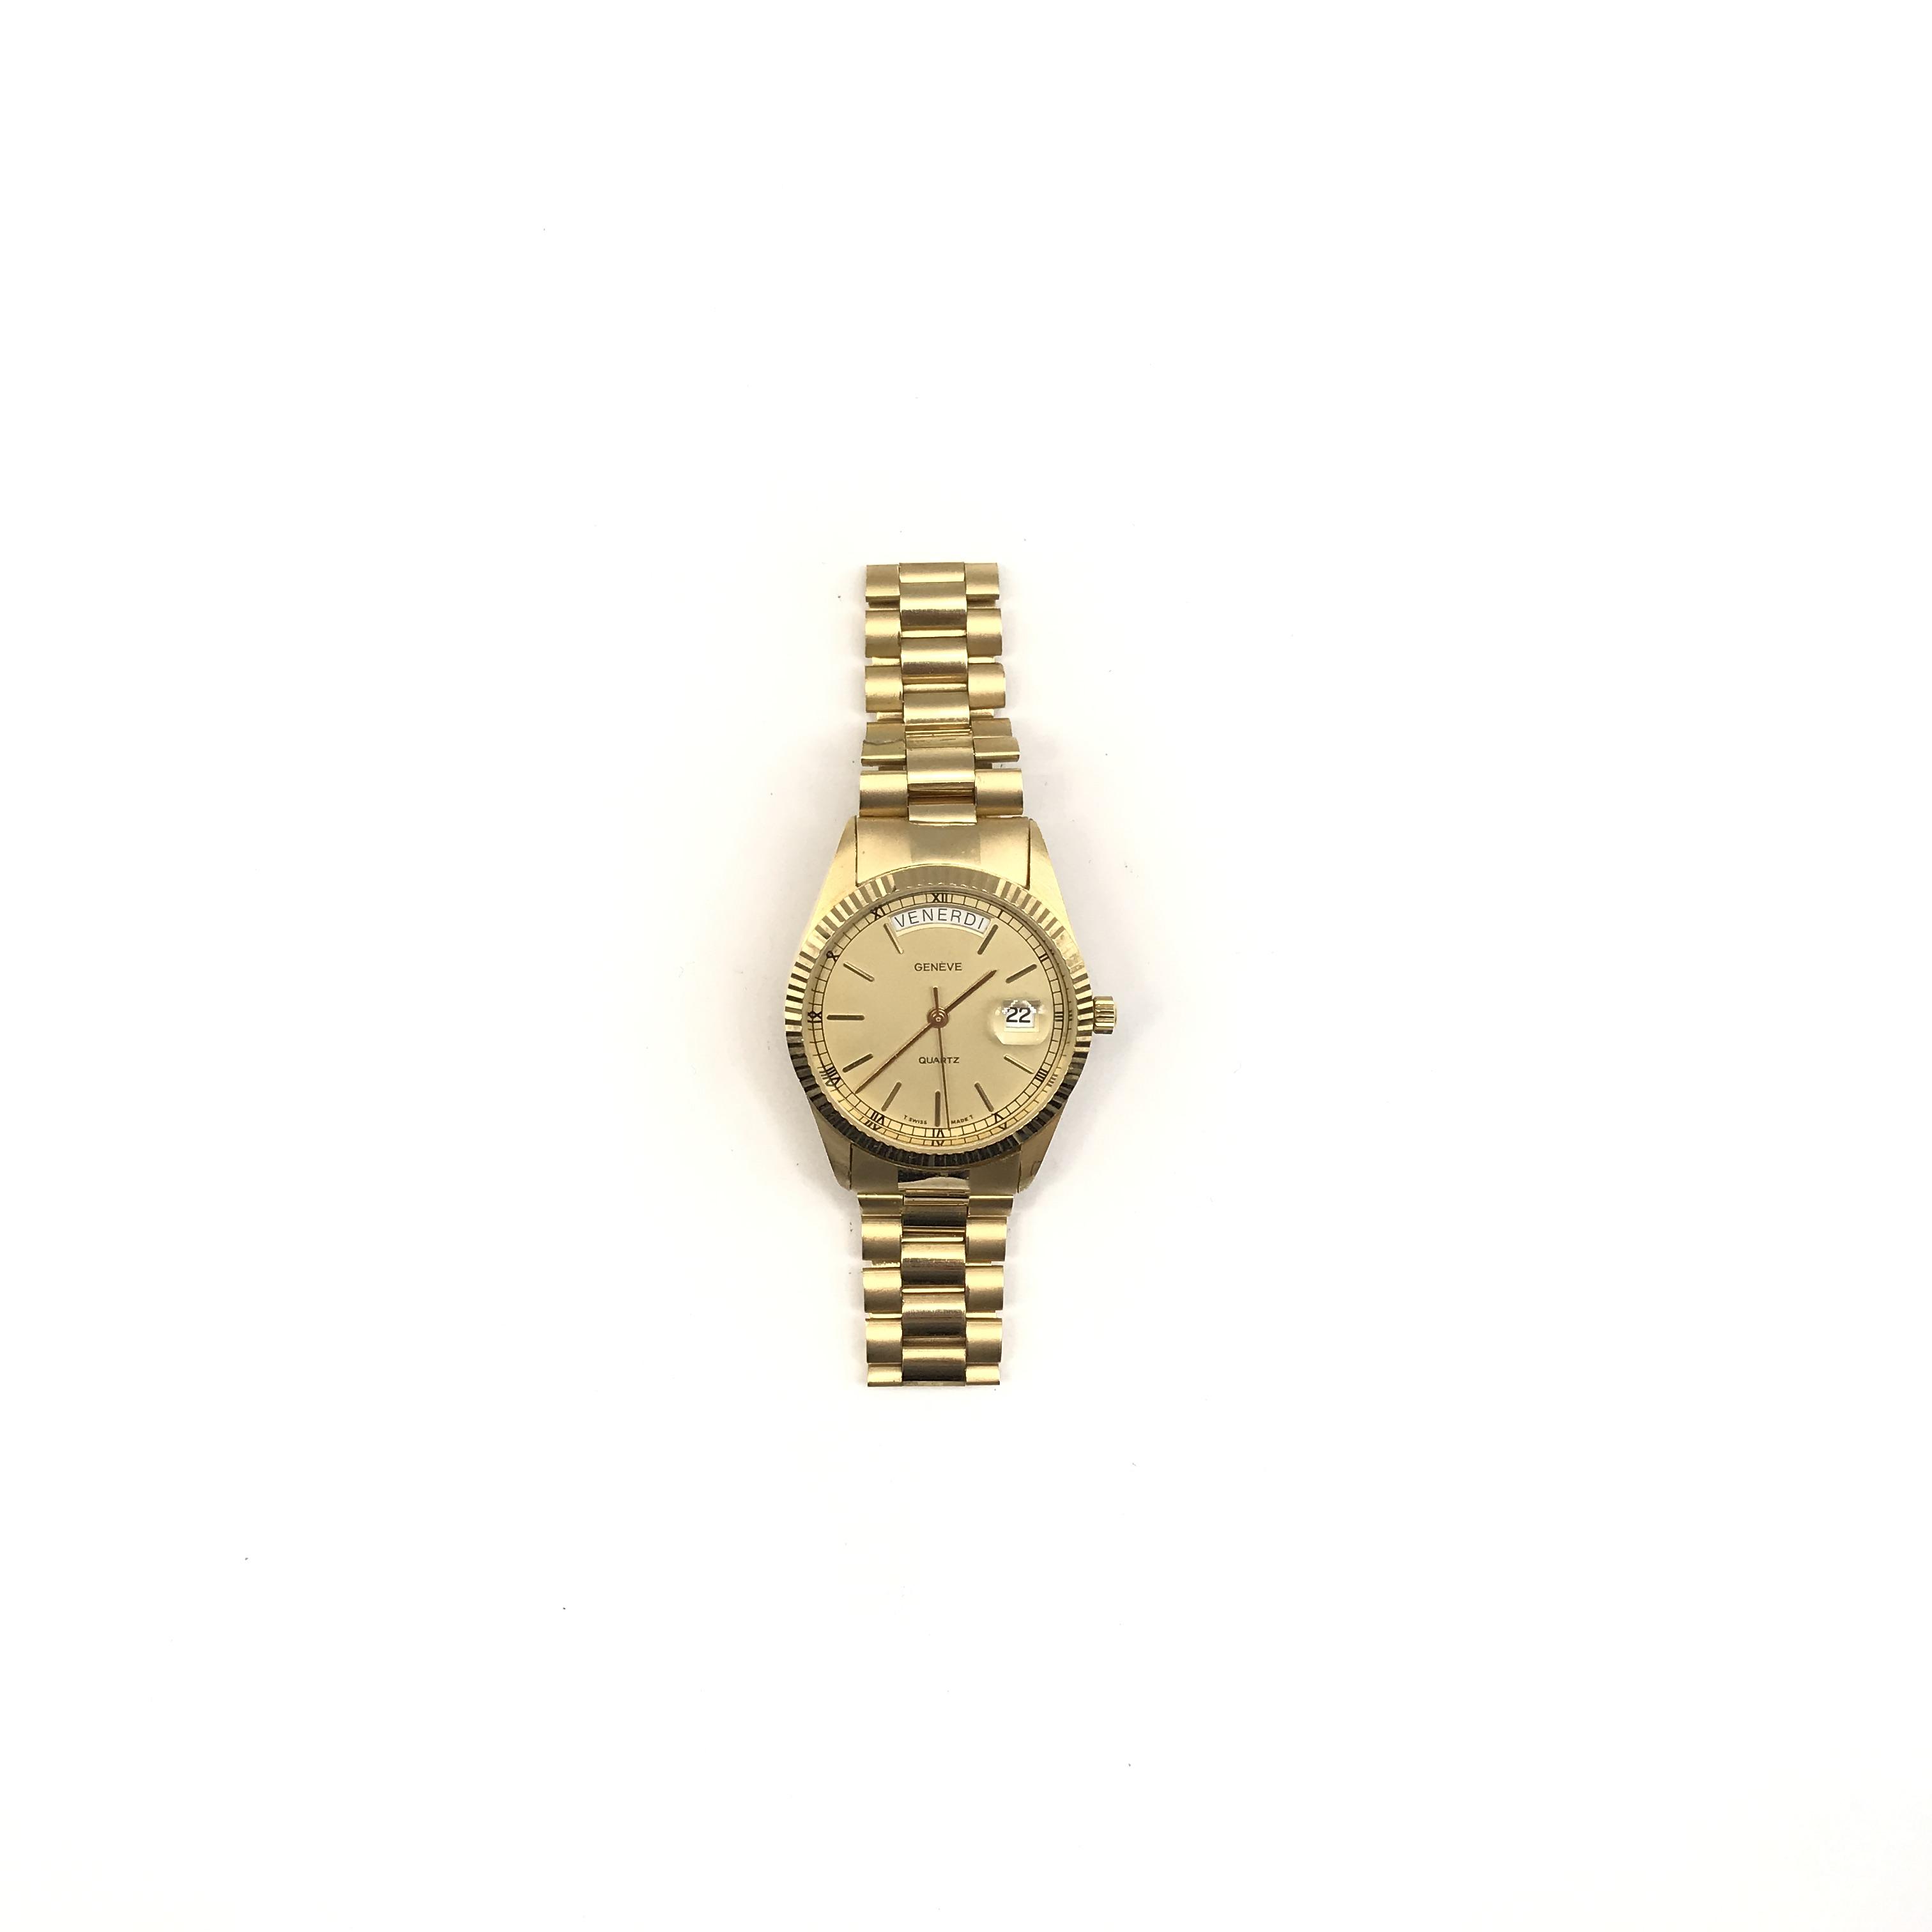 vendita professionale genuino vasta selezione di Geneve orologio in oro 18kt - Jewellery, Watches and Silver ...